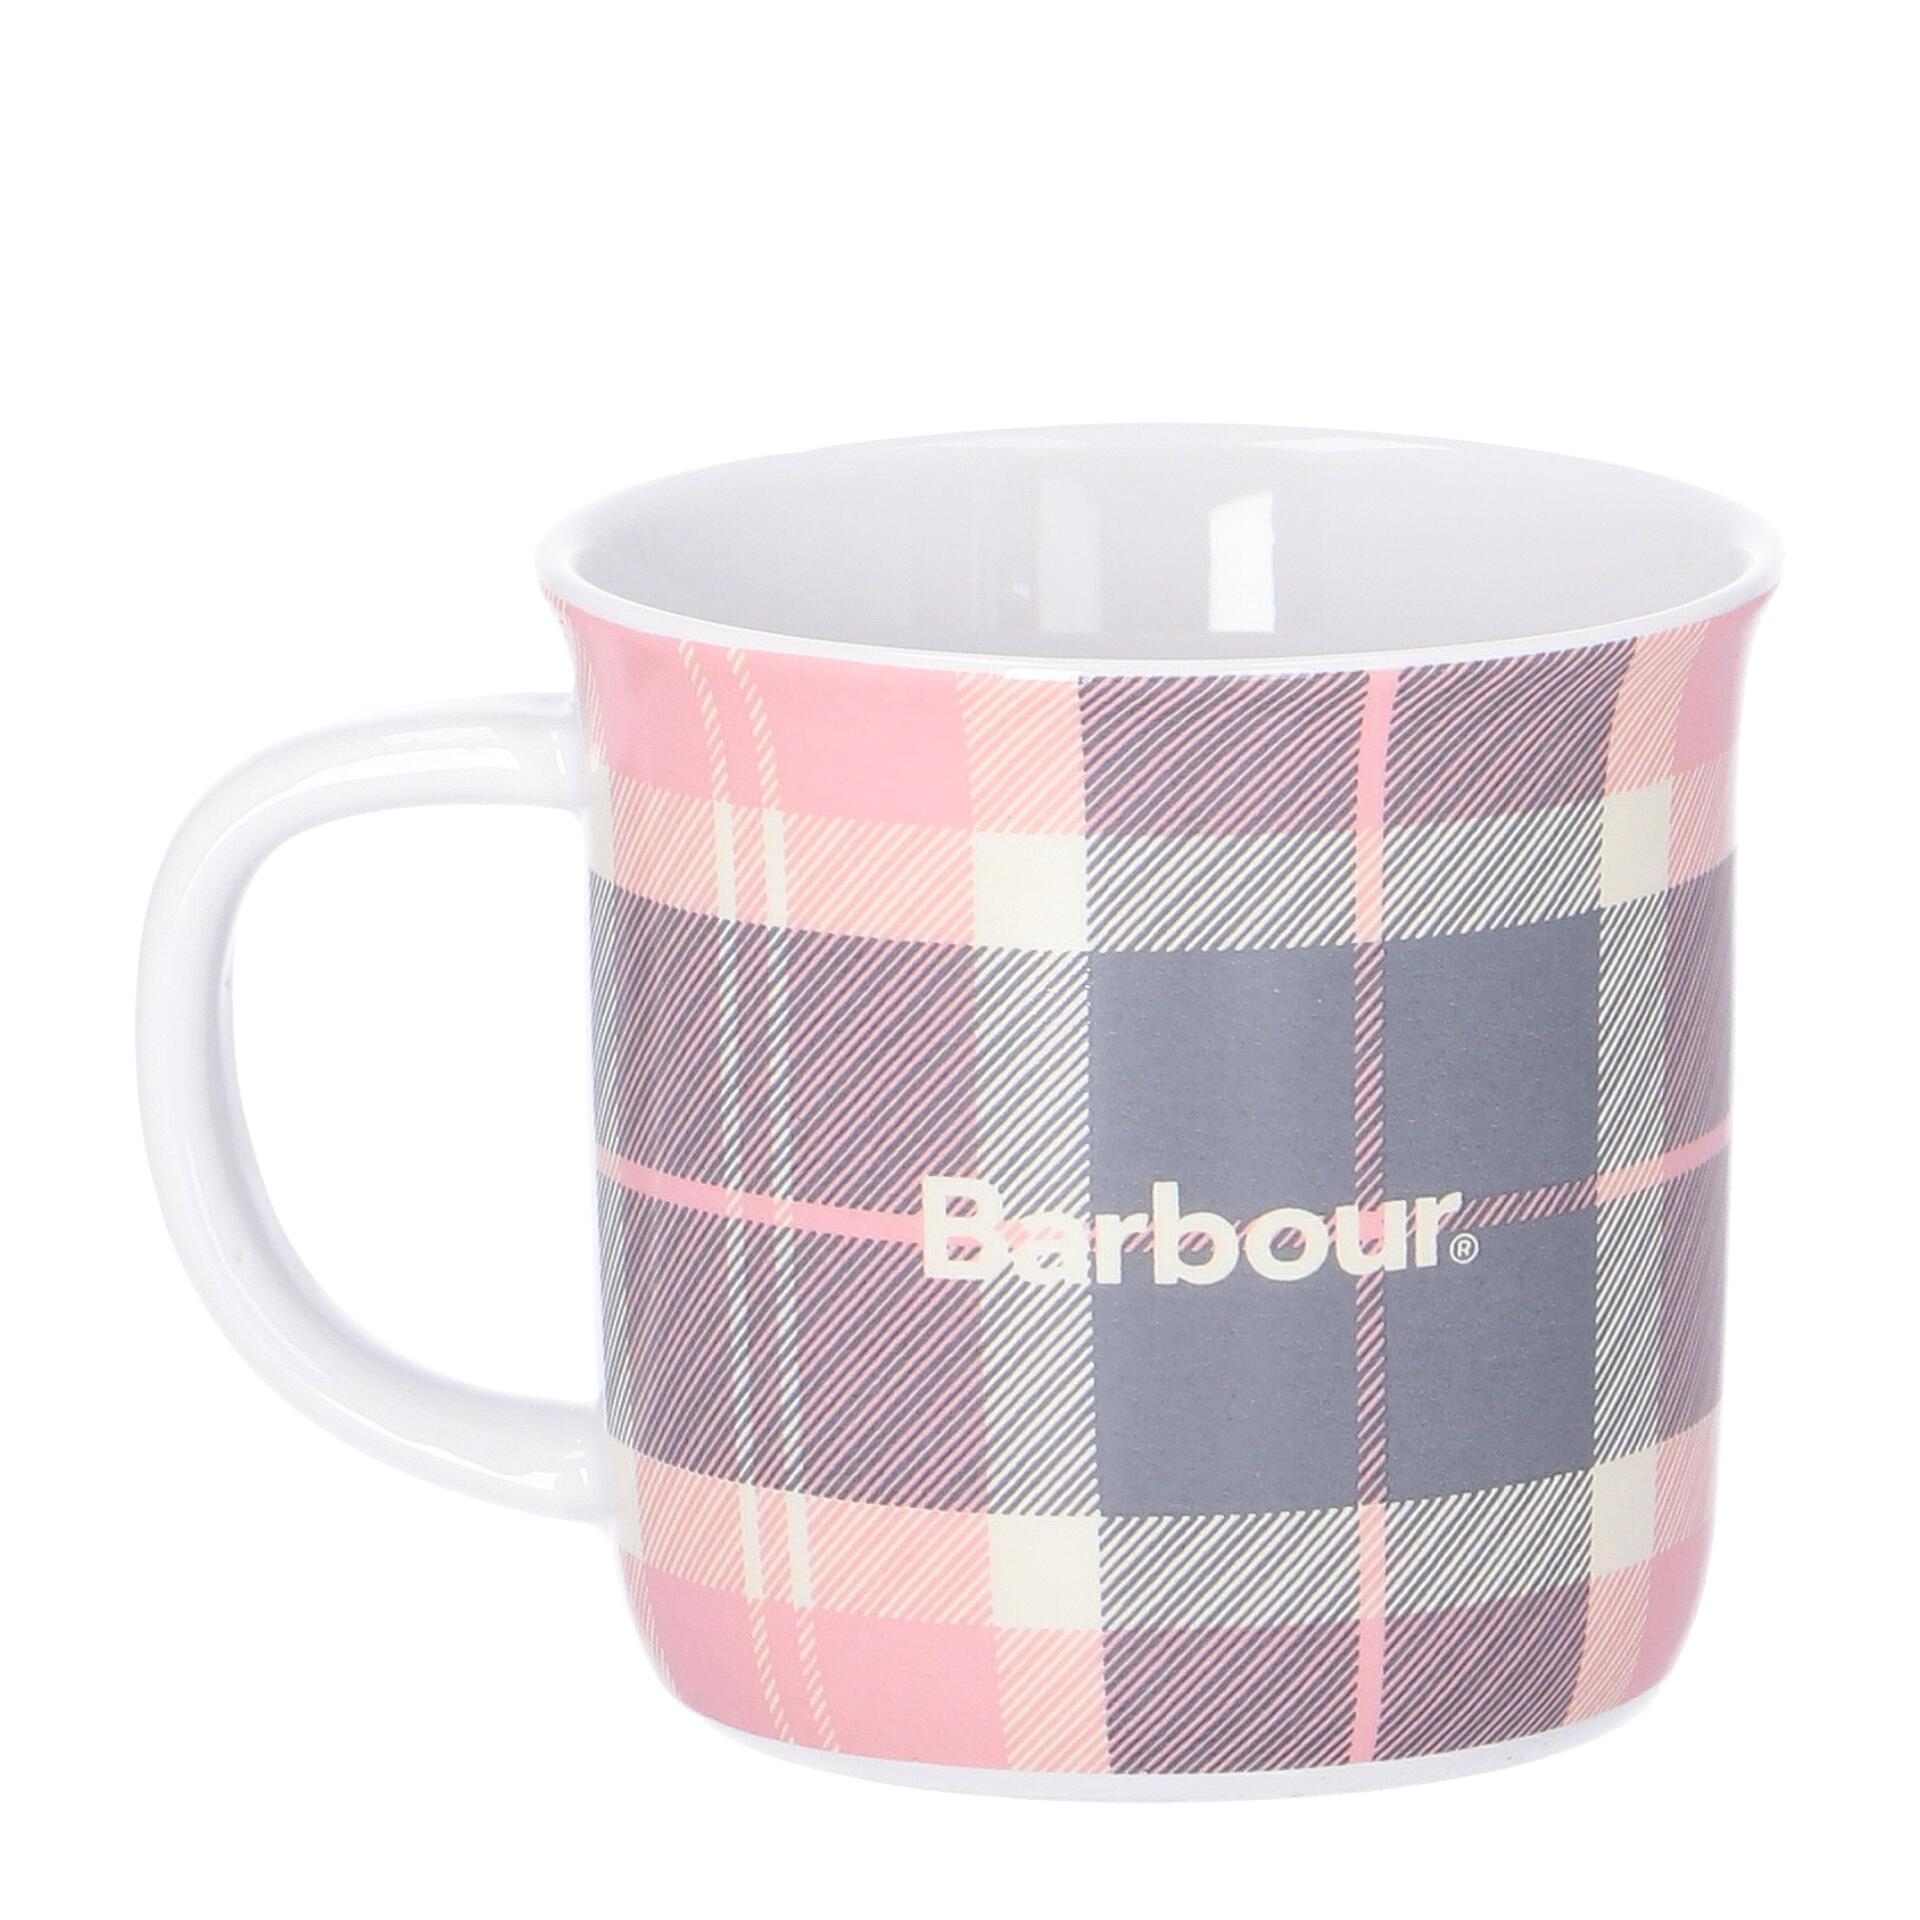 Barbour Tartan Mug Tasse pink grey tartan